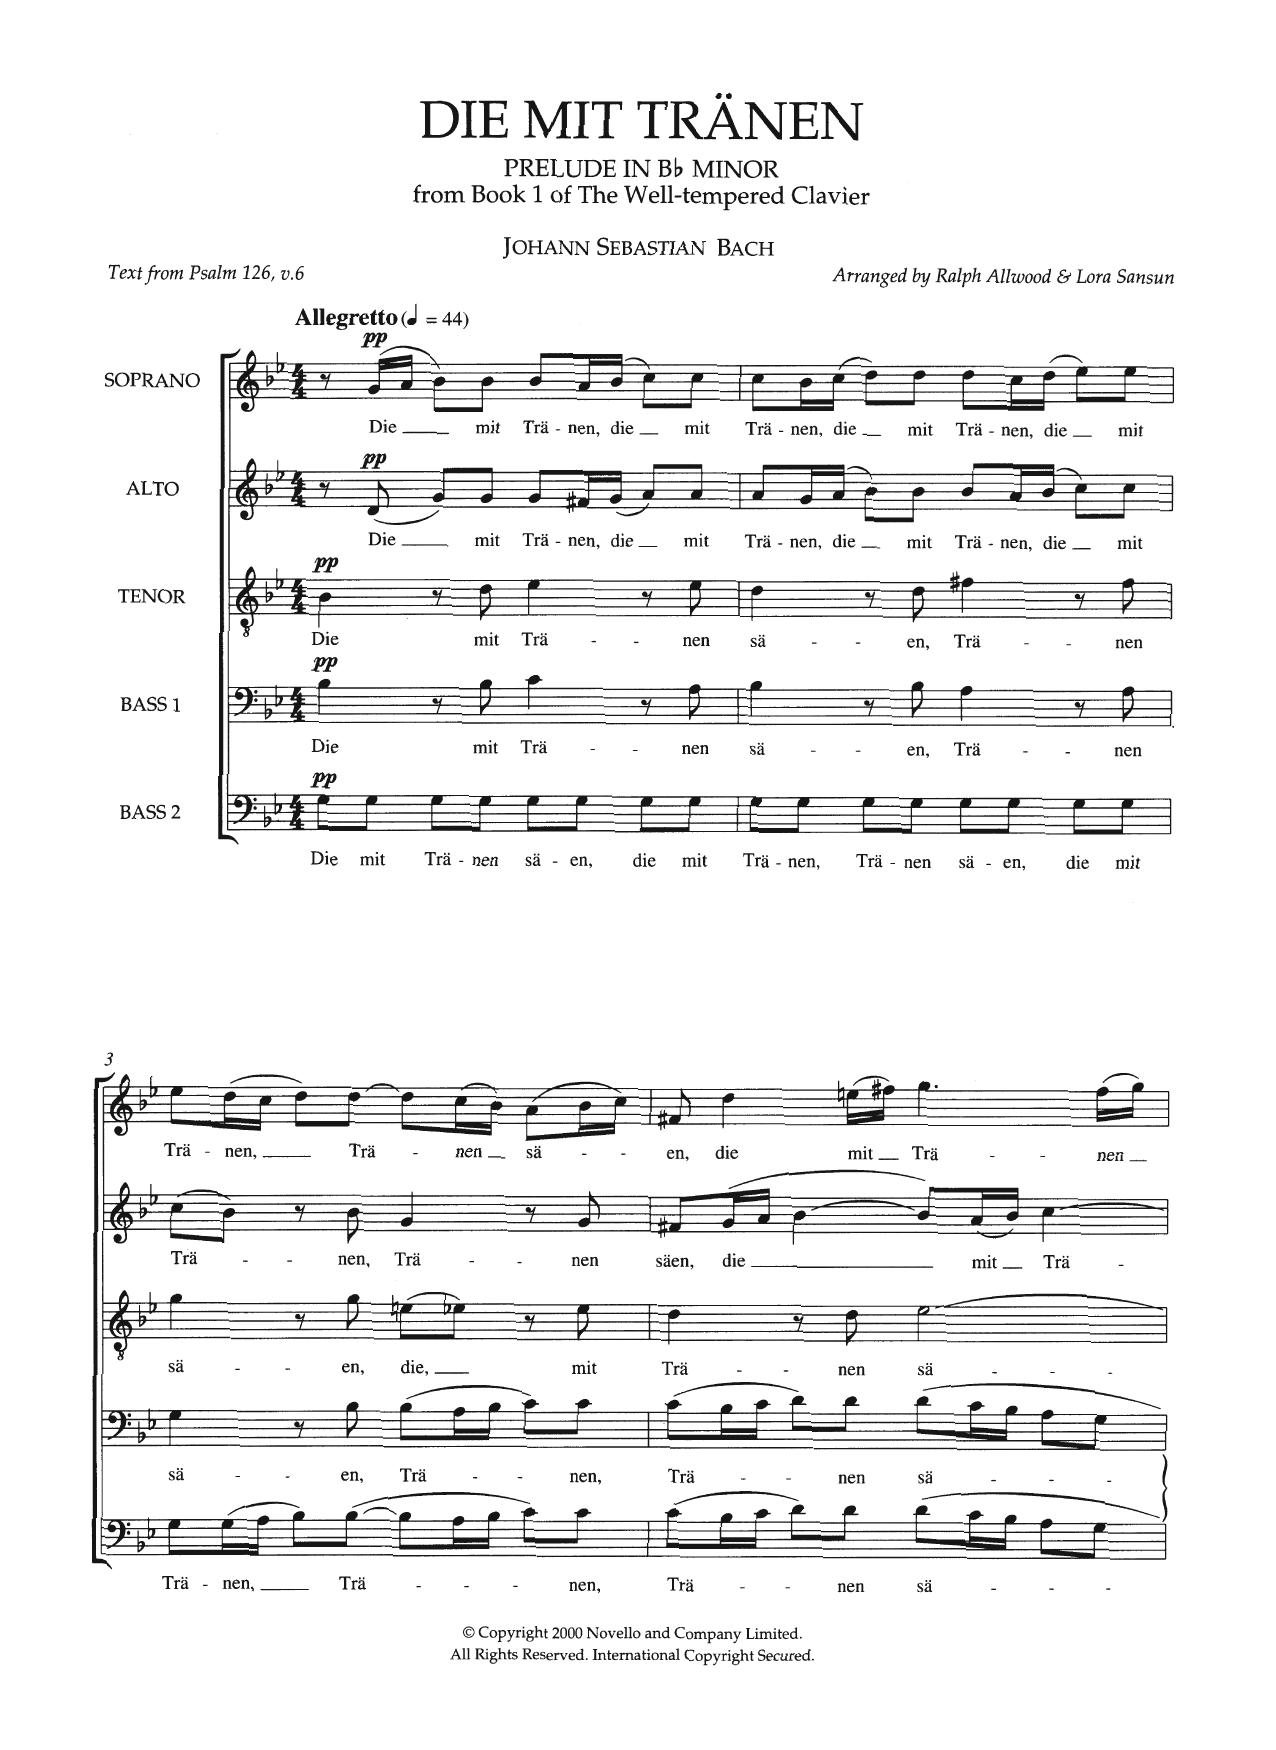 J.S. Bach - Die Mit Tranen (arr. Ralph Allwood and Lora Sansun)